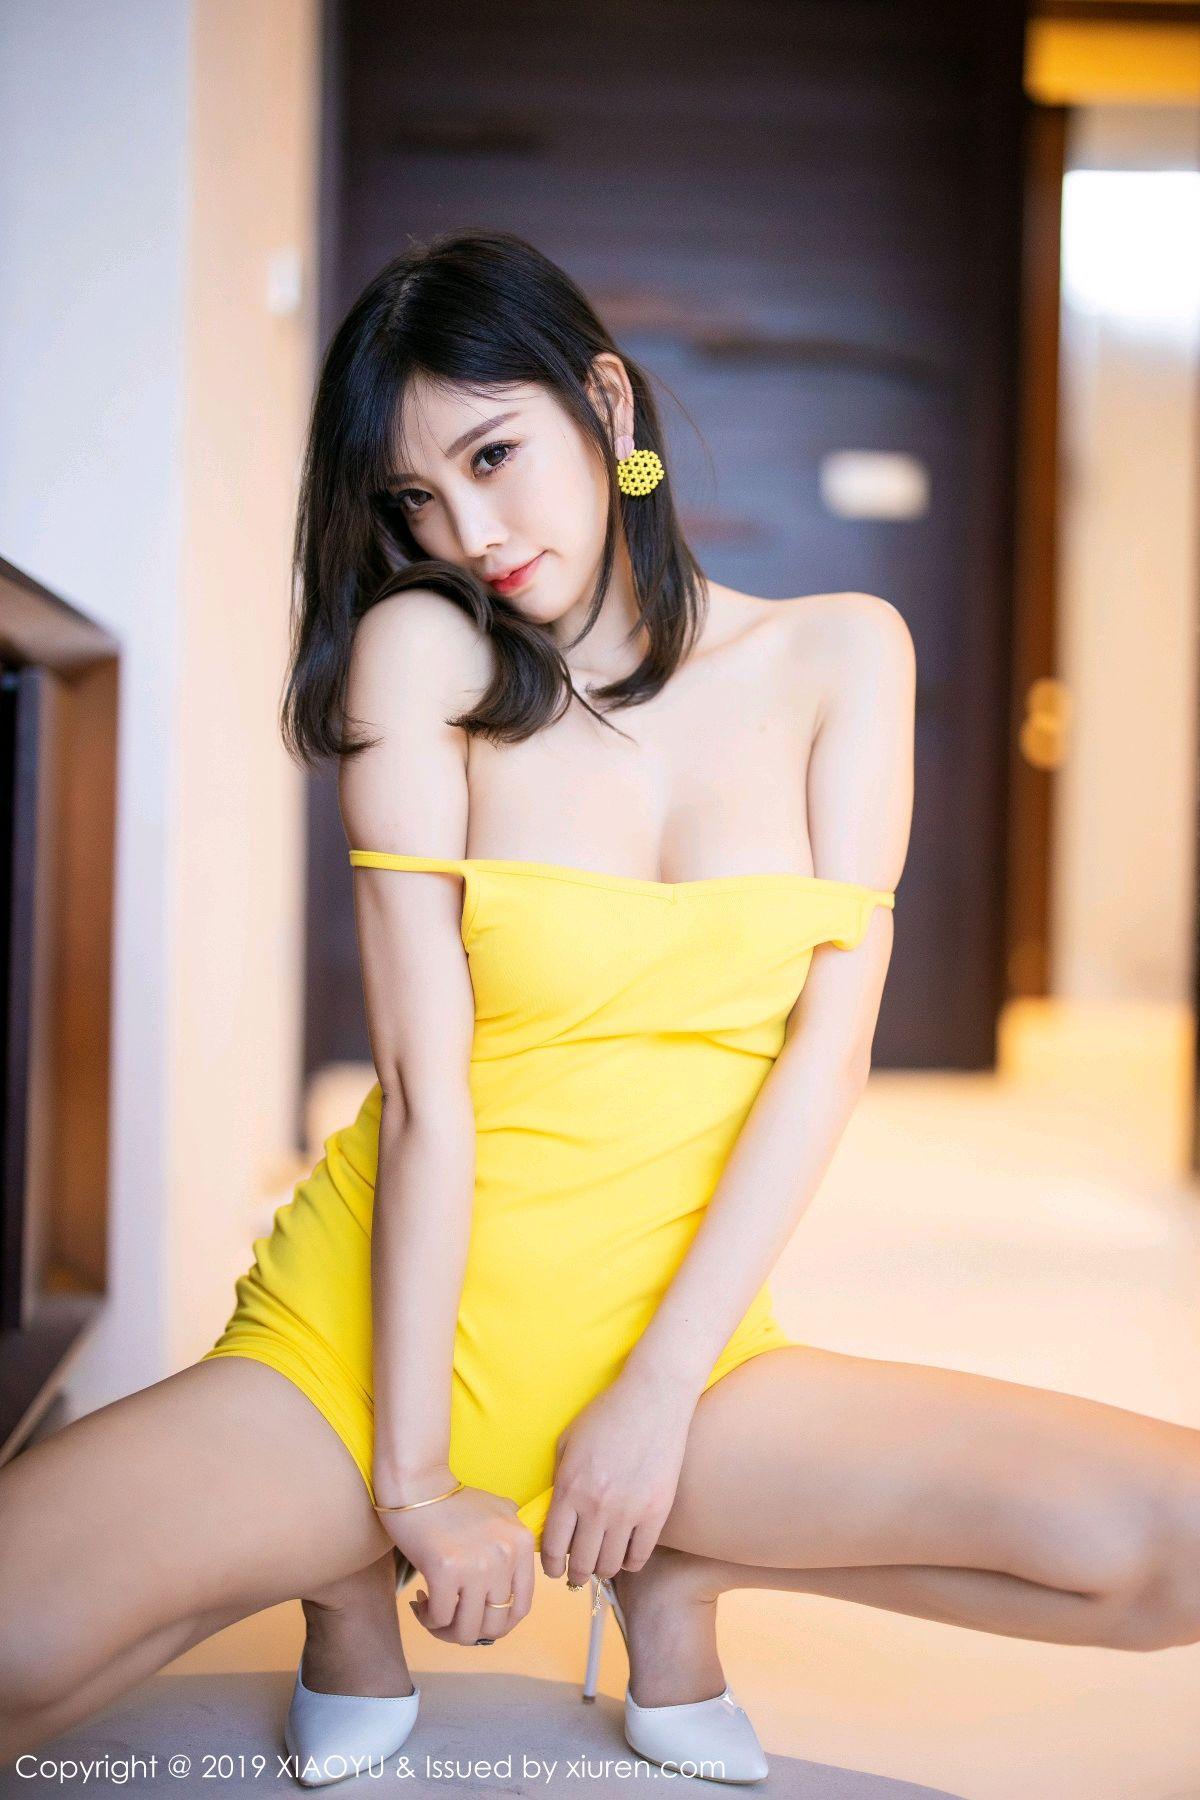 [XiaoYu] VOL.204 Yang Chen Chen 45P, Pure, XiaoYu, Yang Chen Chen